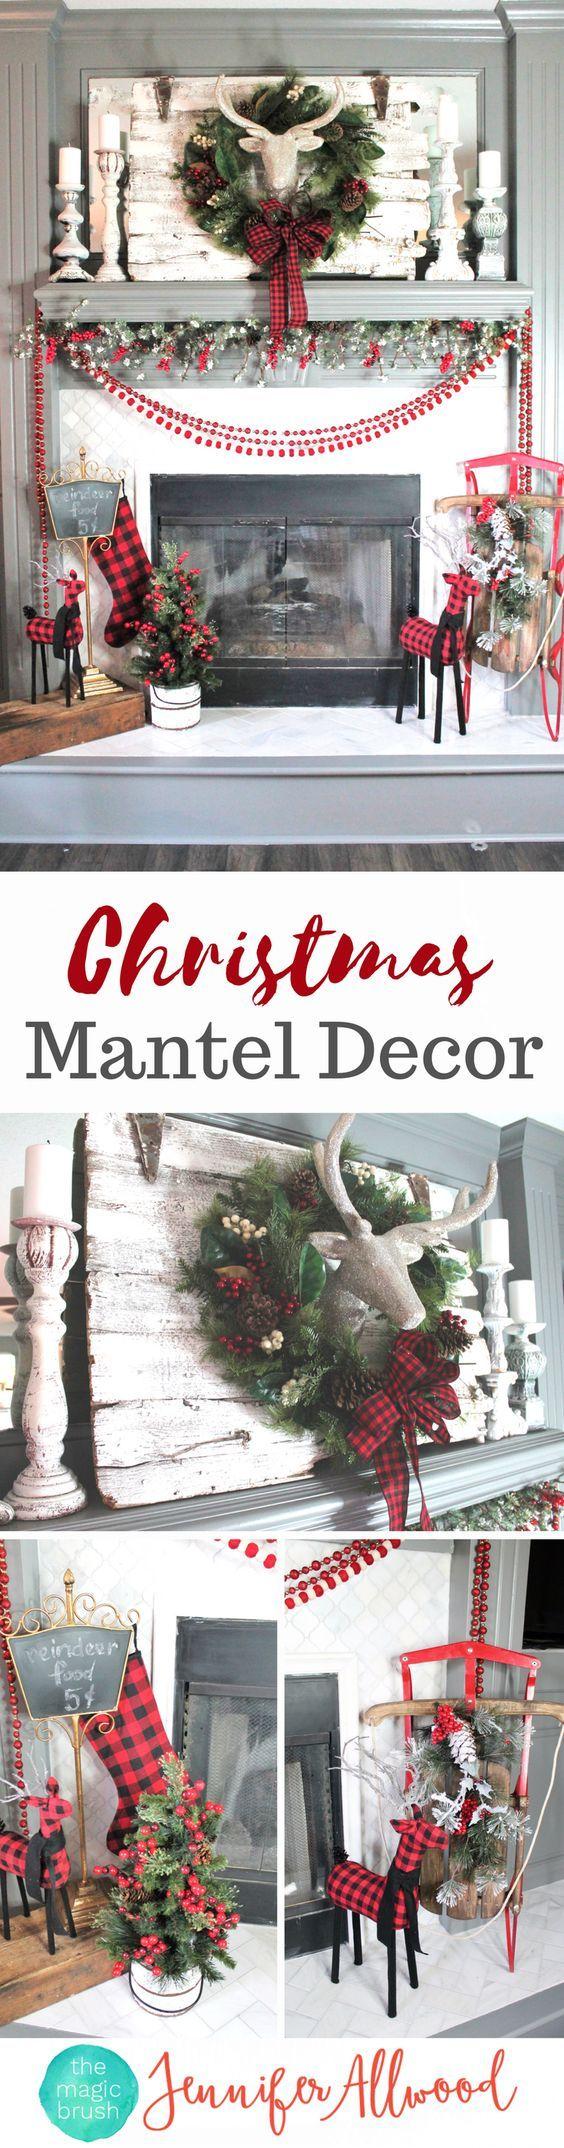 1146 best A Rustic Burlap Farmhouse Christmas images on Pinterest ...